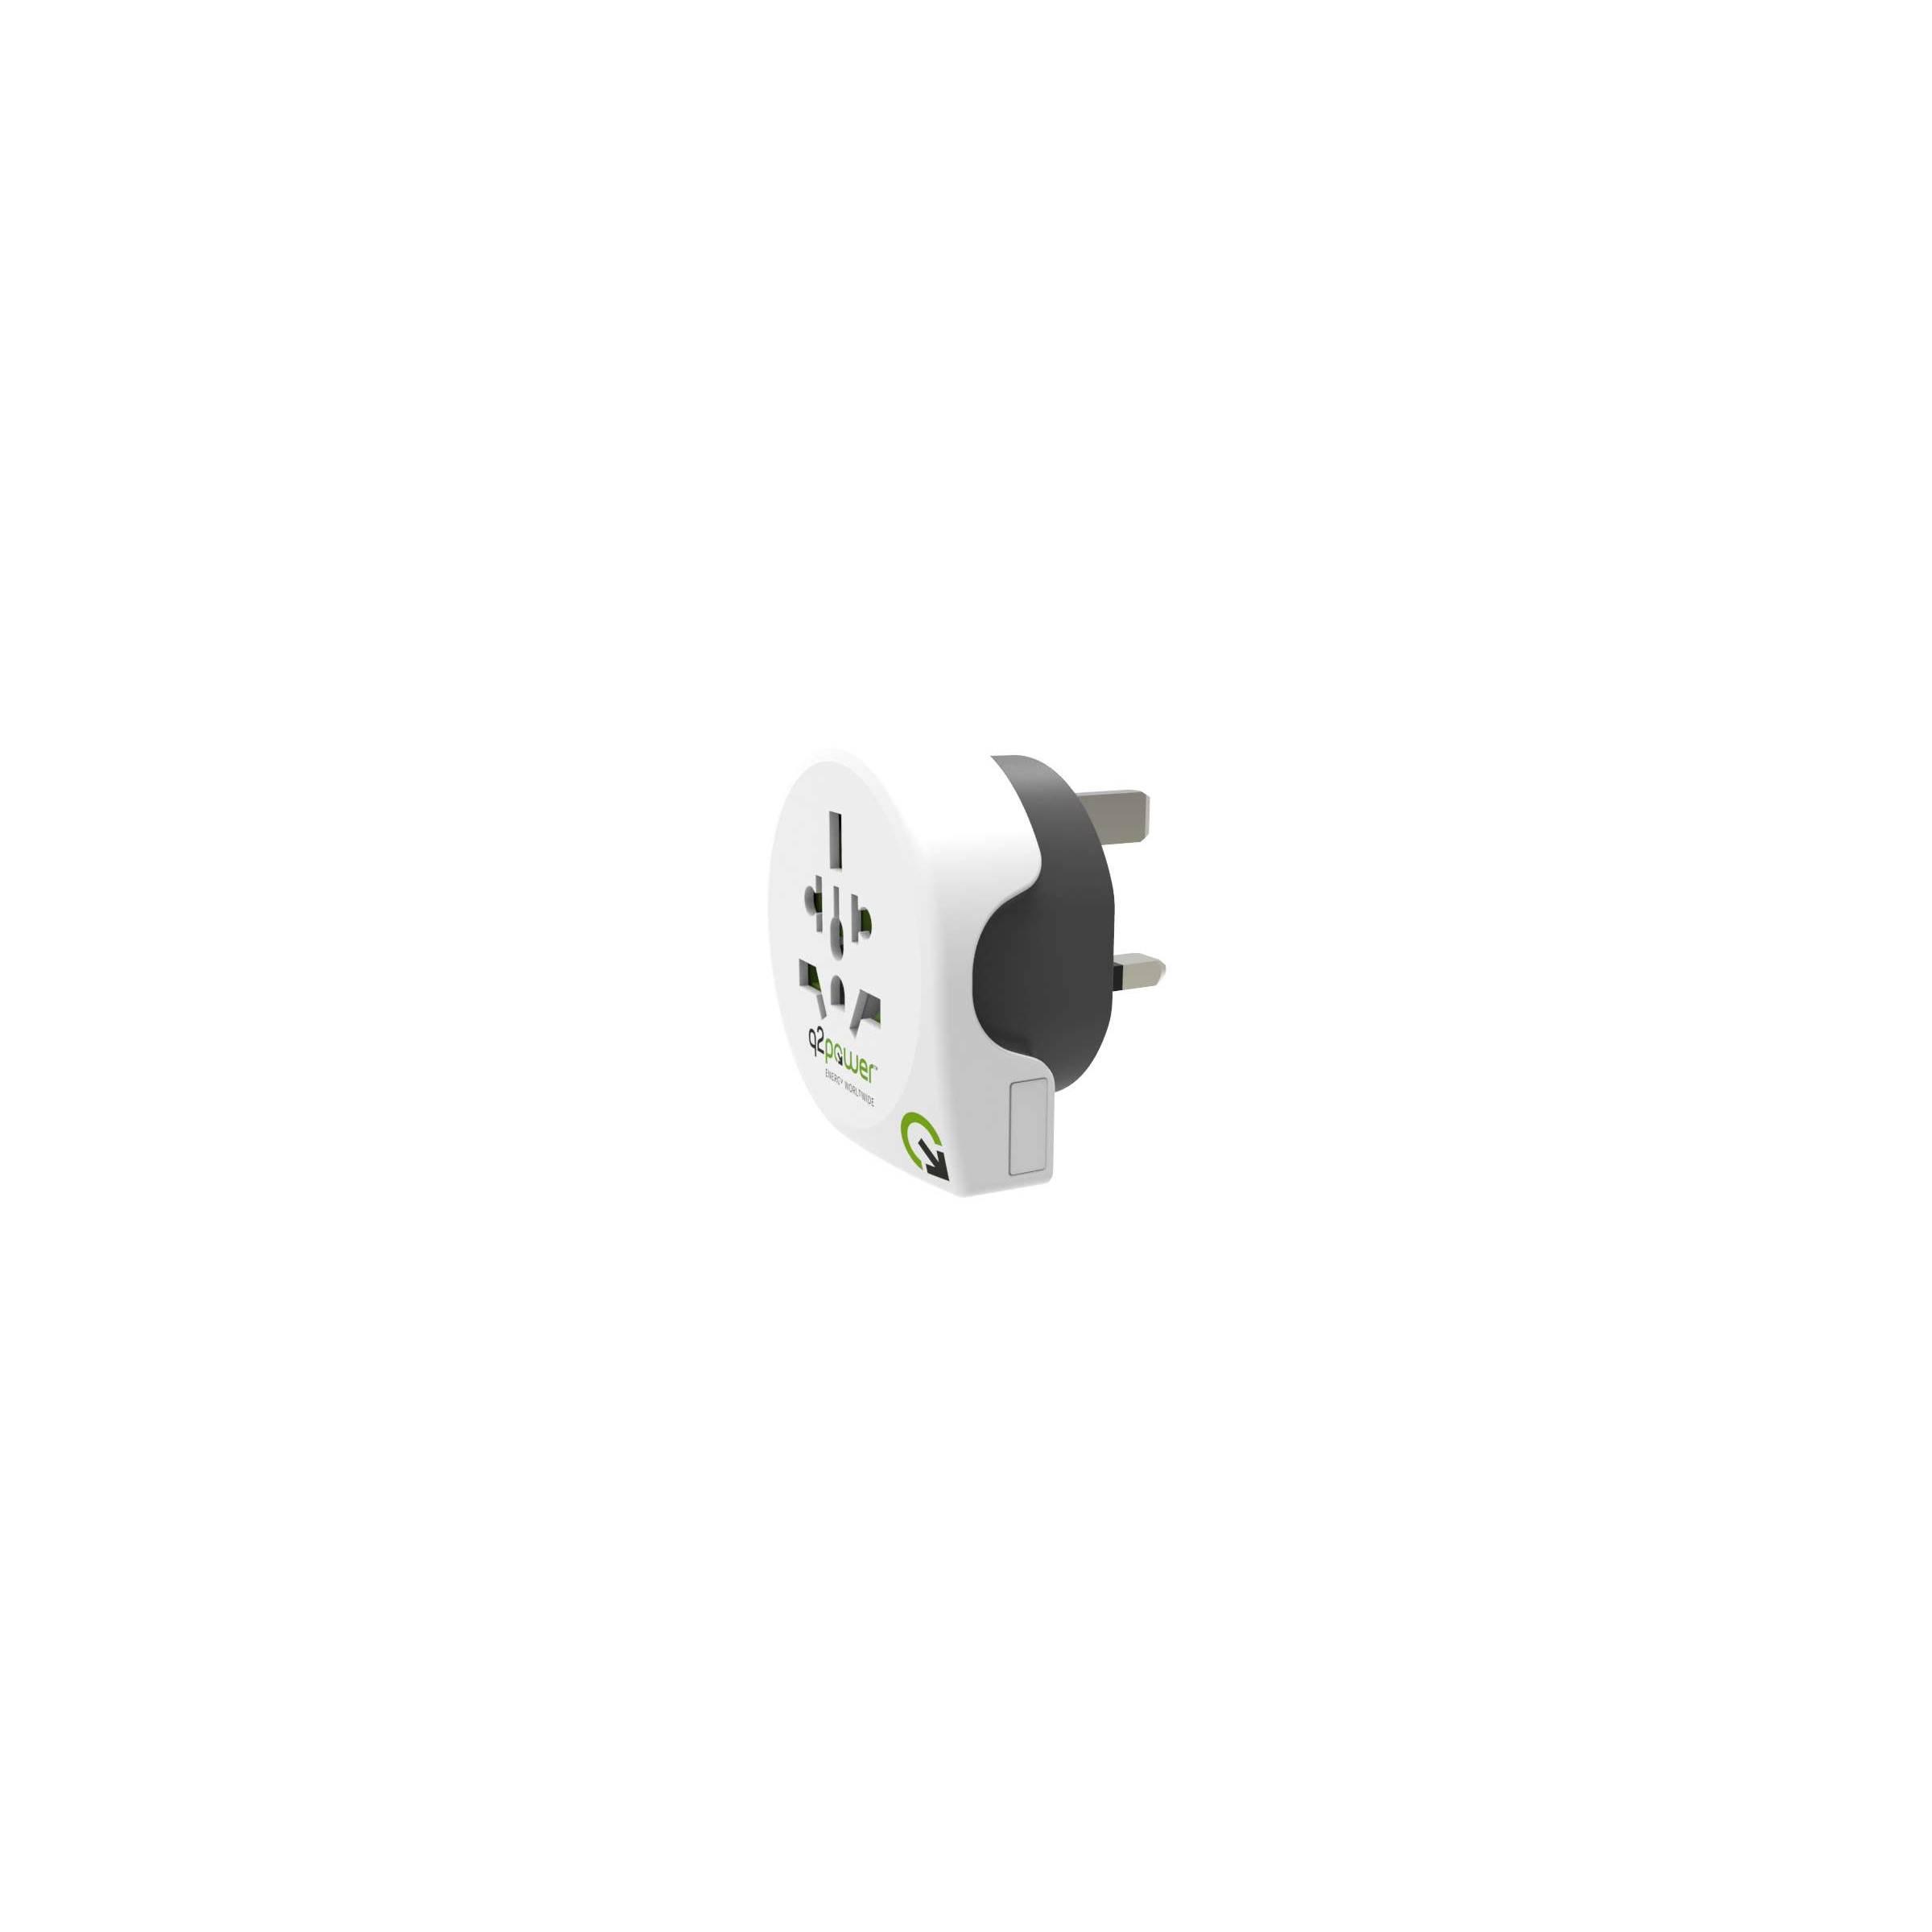 q2power Q2power eu til uk/eu rejse adapter version engelsk adapter(uk) på mackabler.dk